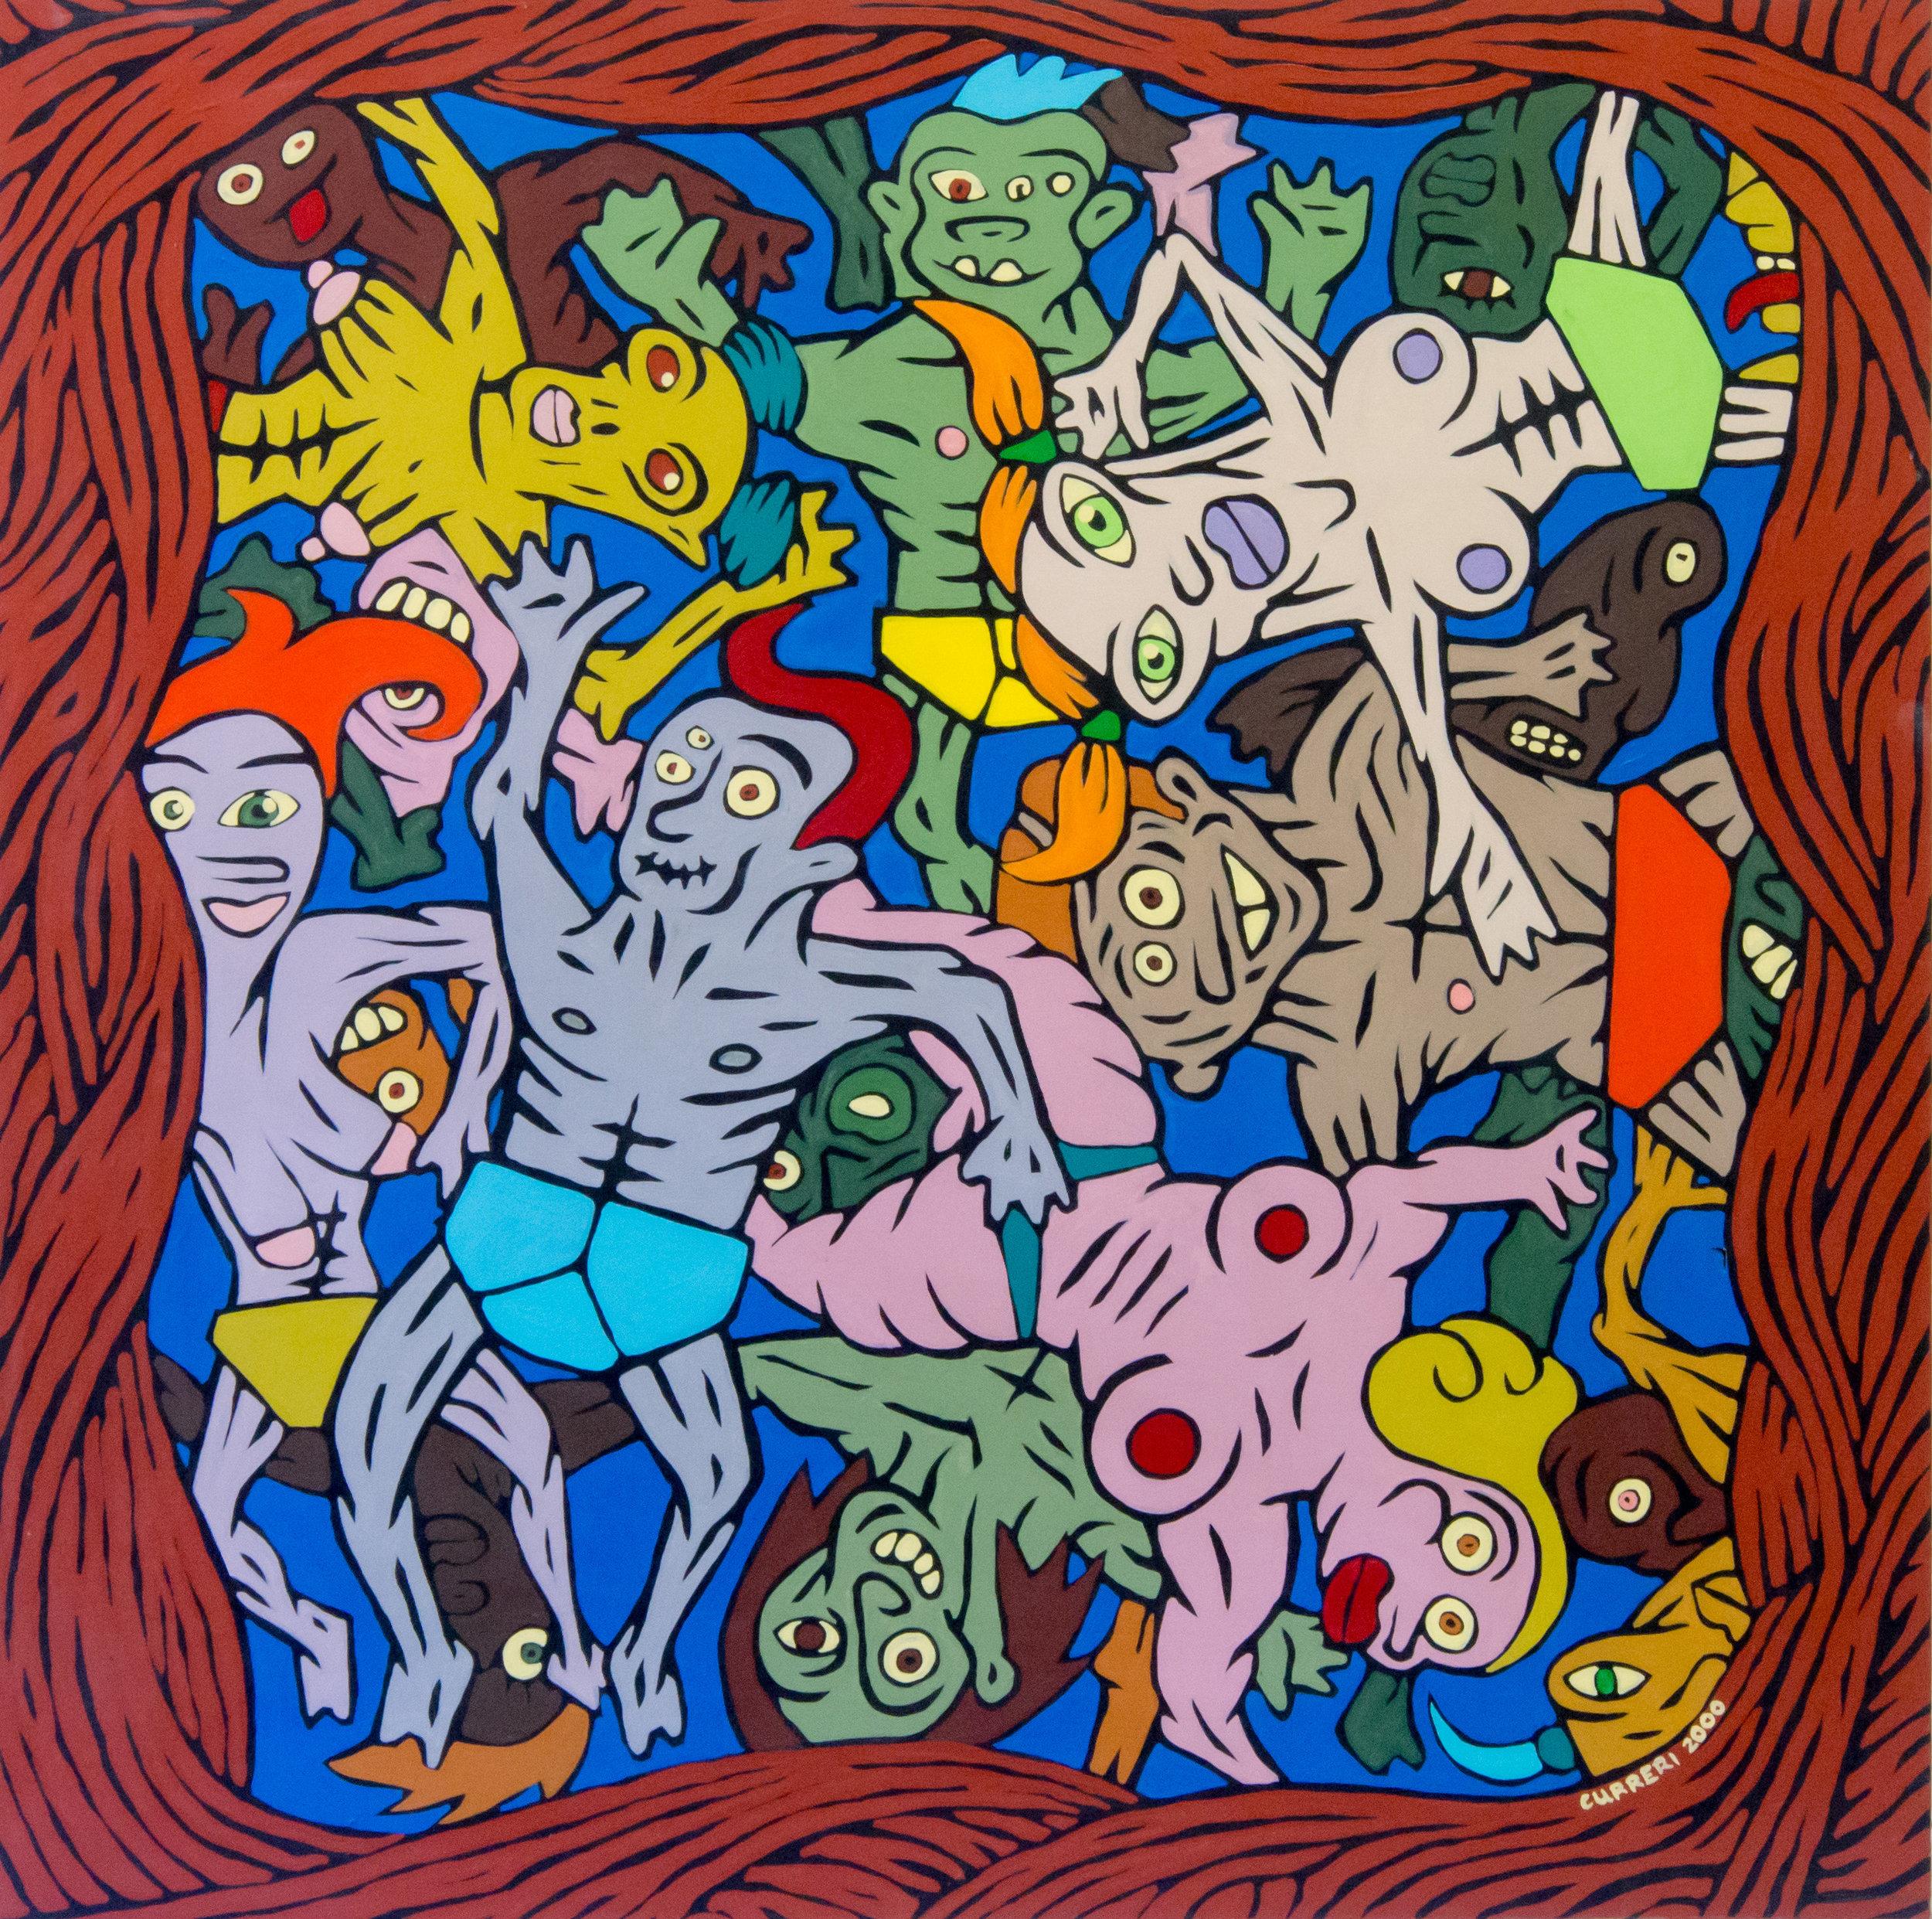 Opera di Giordano Curreri (collezione di Sergio Tossi)